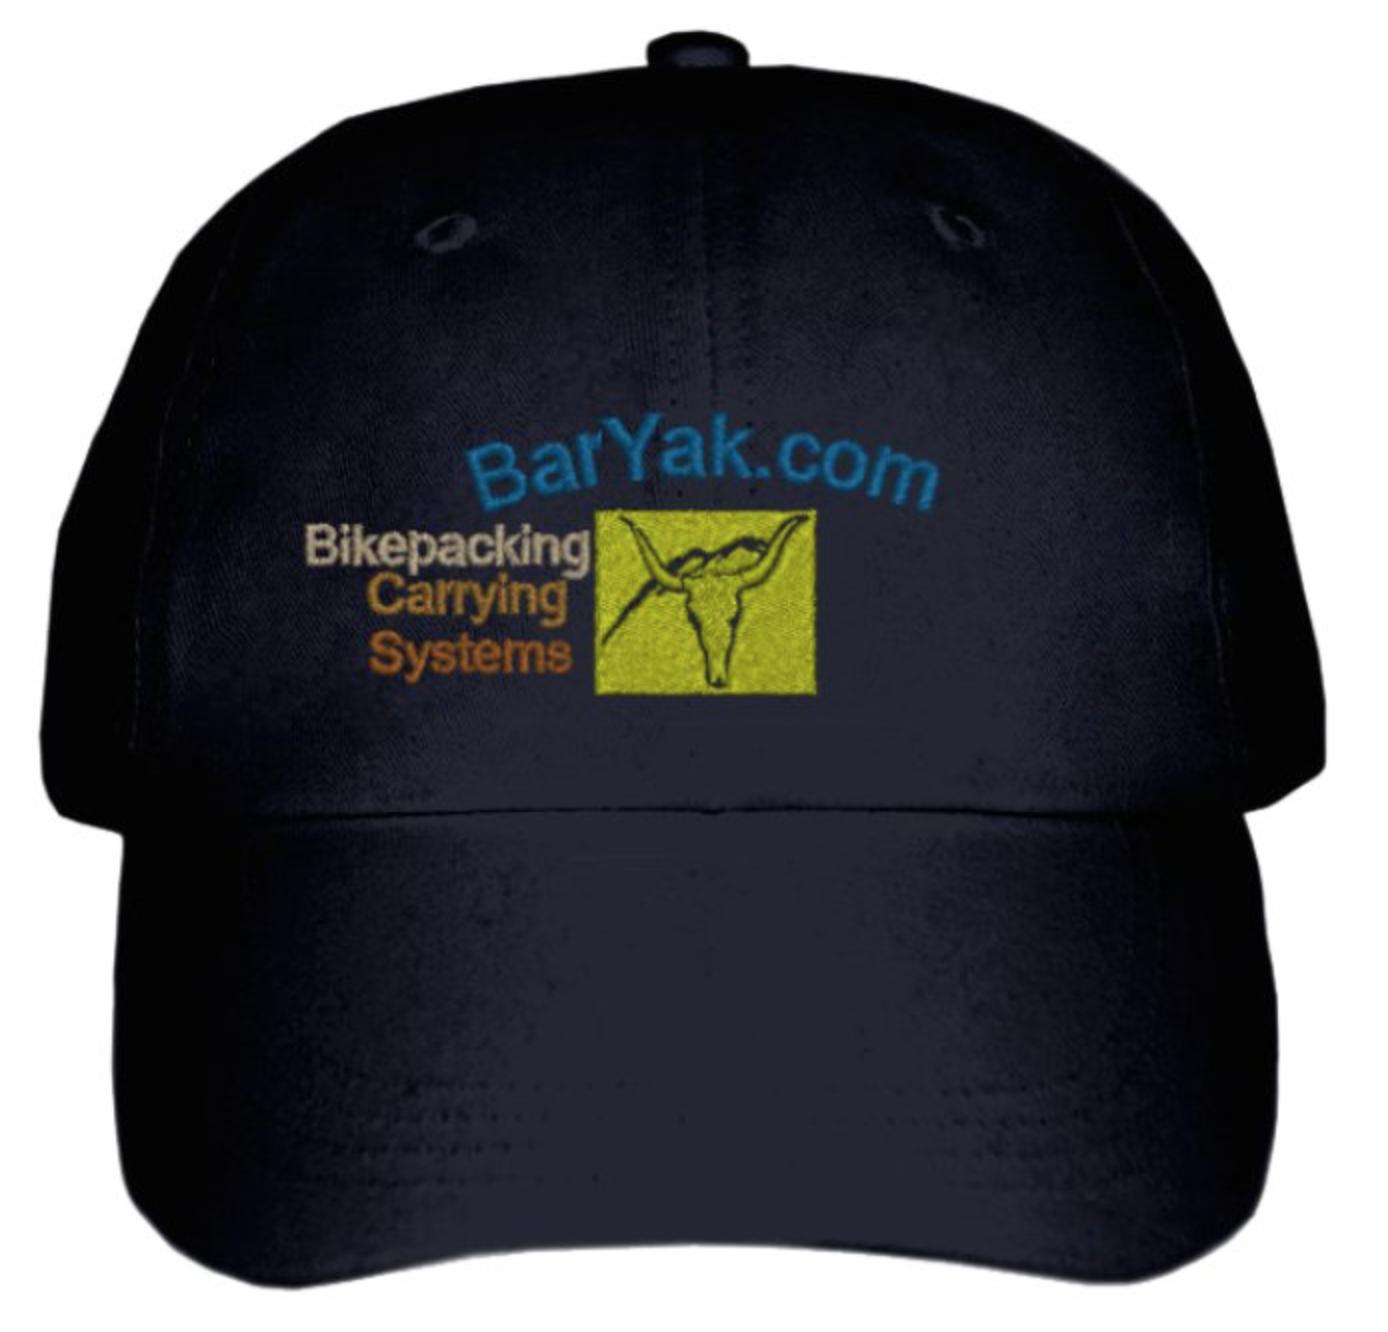 BarYak.com Hat 2019